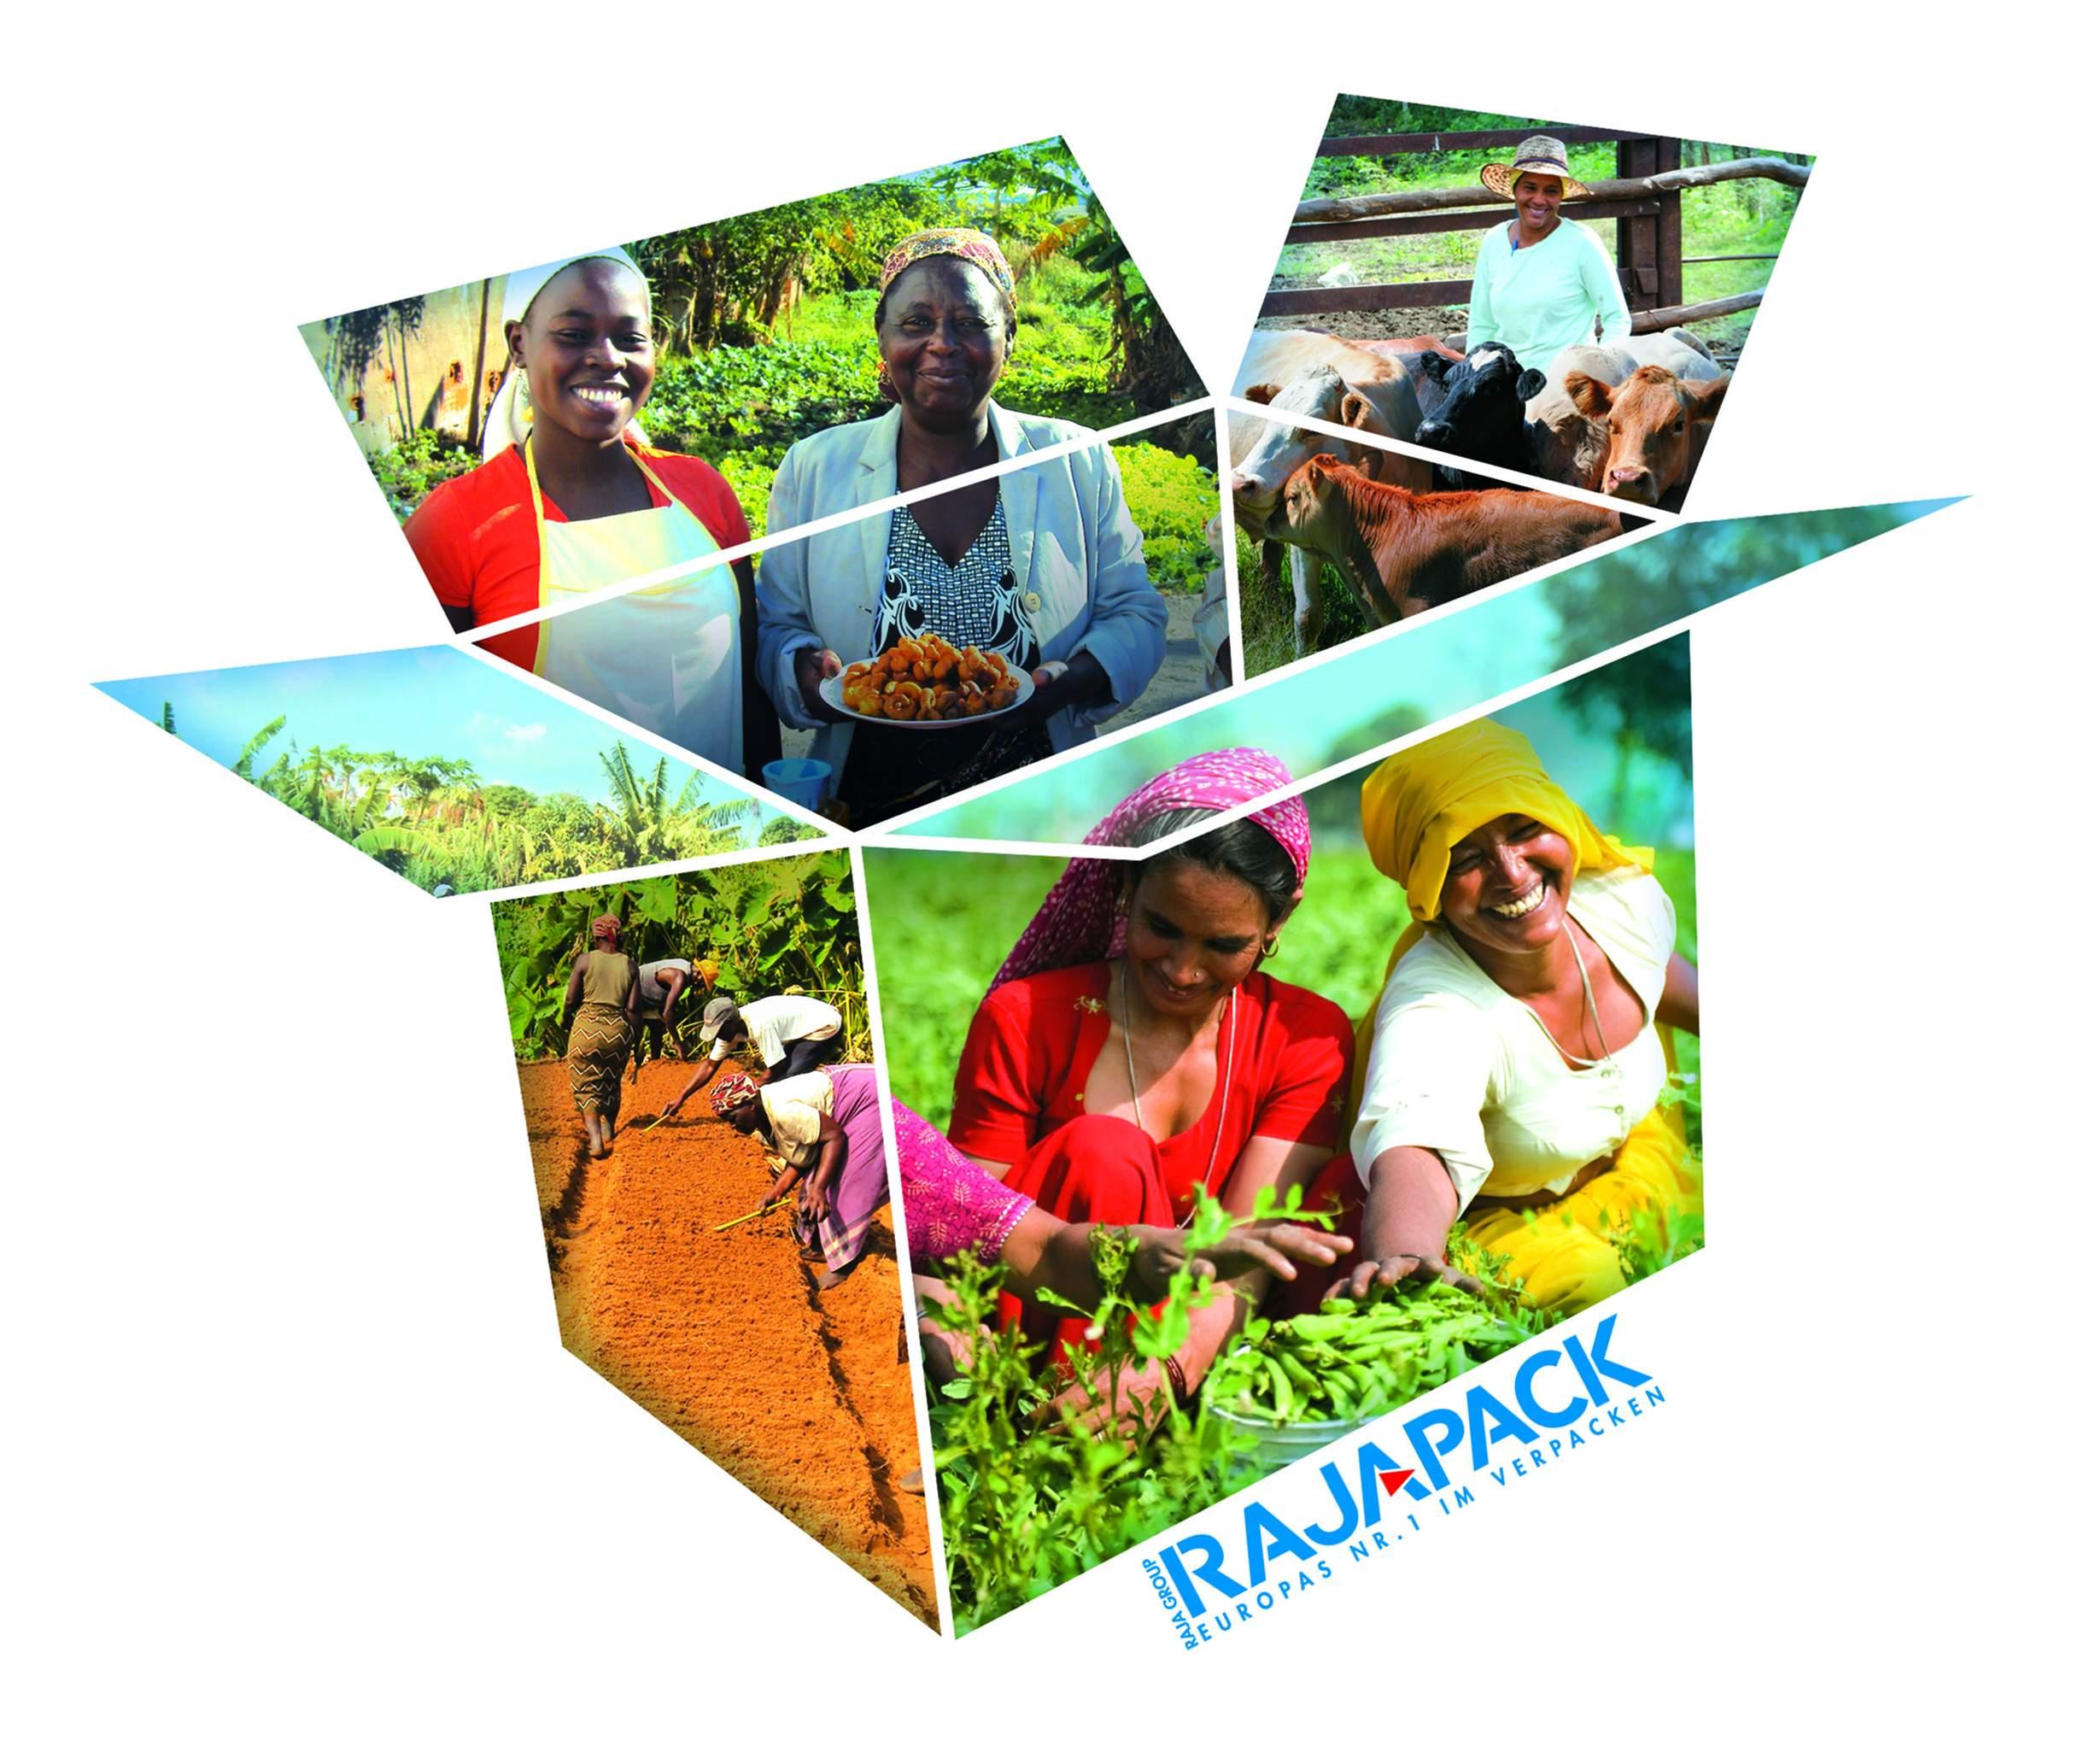 Rajapack unterstützt Umweltprojekte und Frauen 2